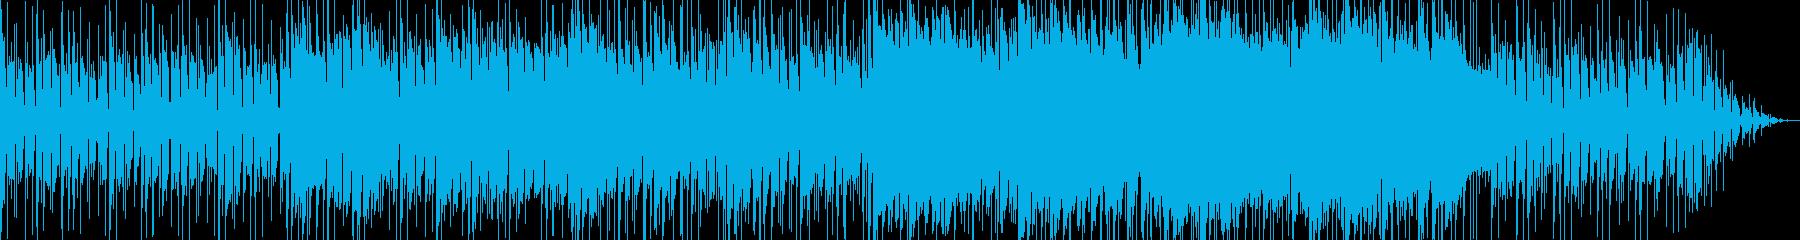 ほのぼのした雰囲気のYoutubeの再生済みの波形